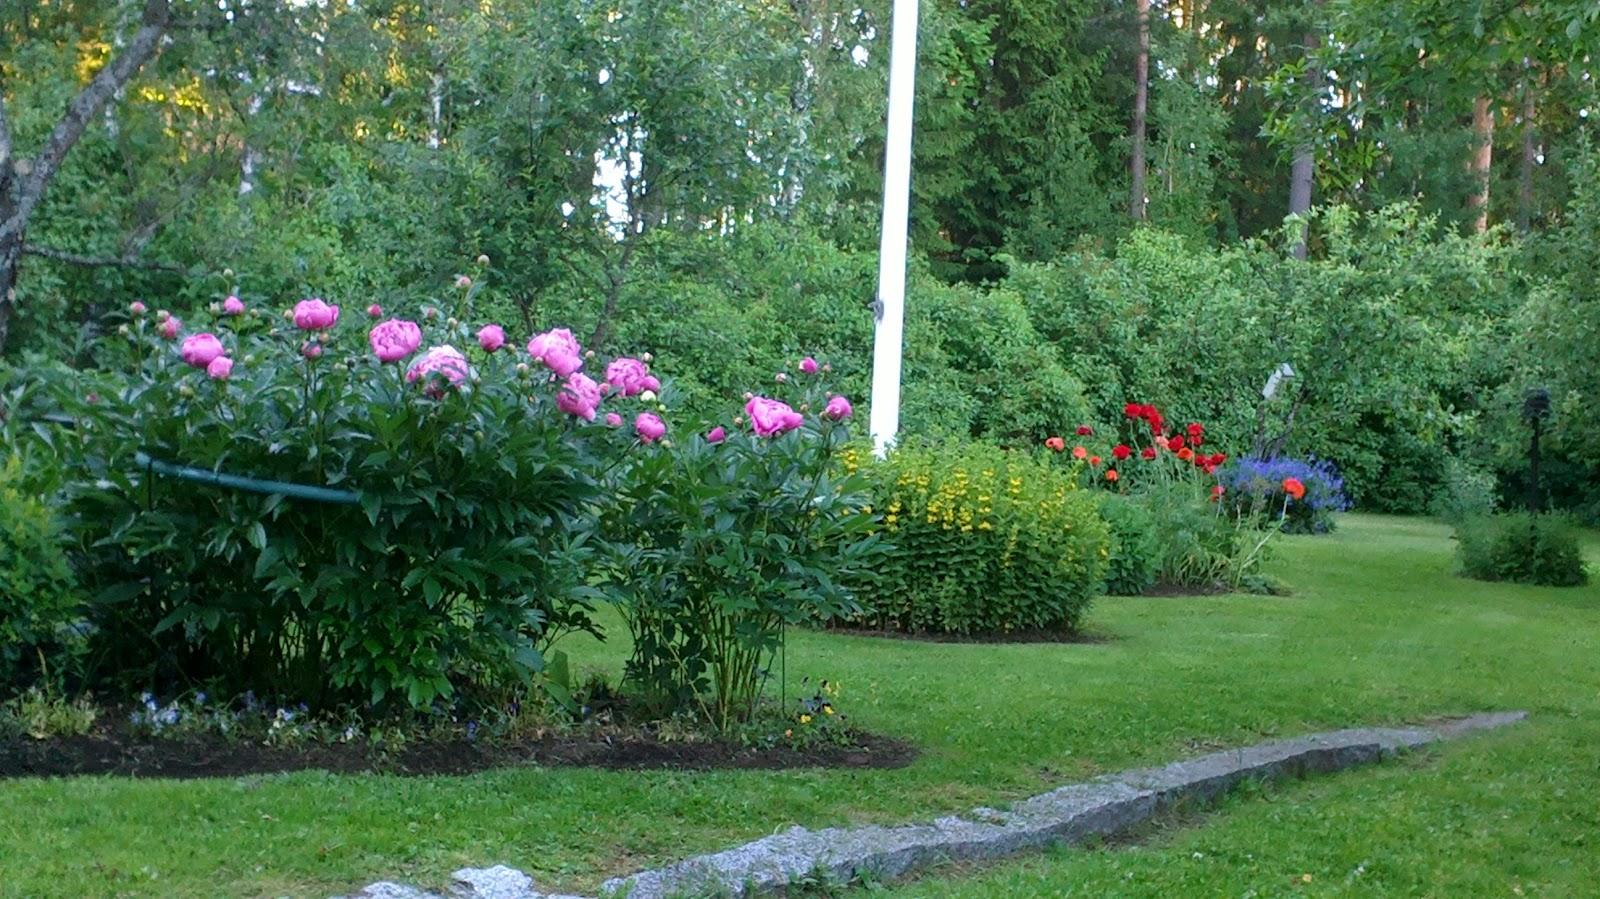 Puutarhaa puunaamassa jälleen! – Gardening again!